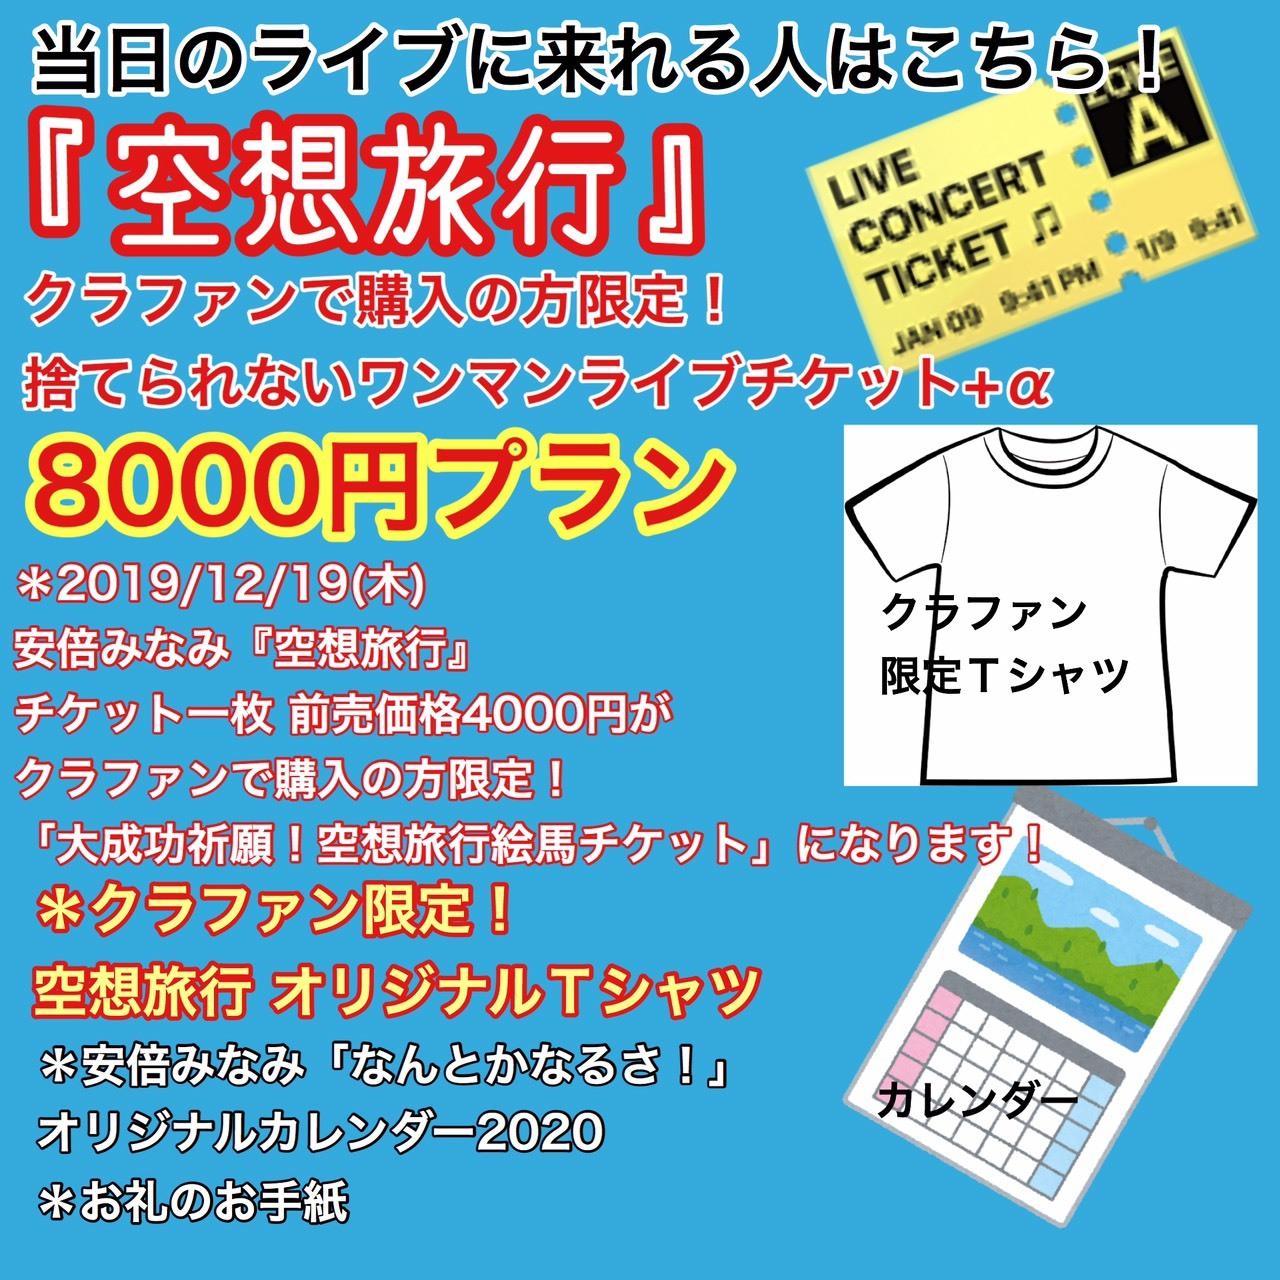 限定チケット+限定Tシャツ+カレンダープラン